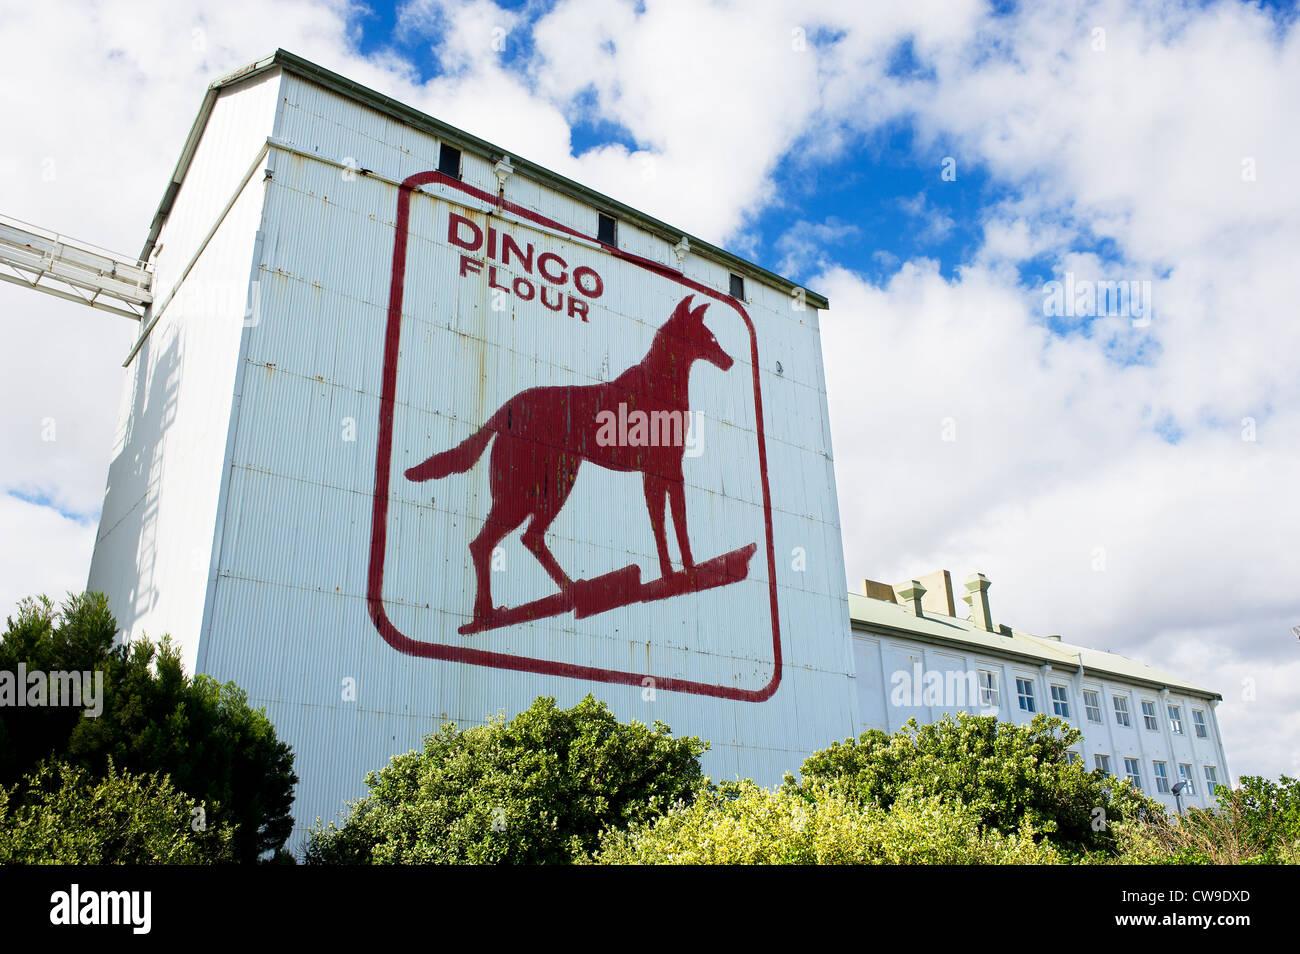 Der Dingo Mehl melden Sie auf der Seite der großen südlichen Roller Flour Mills im Nordwesten Australiens Stockbild